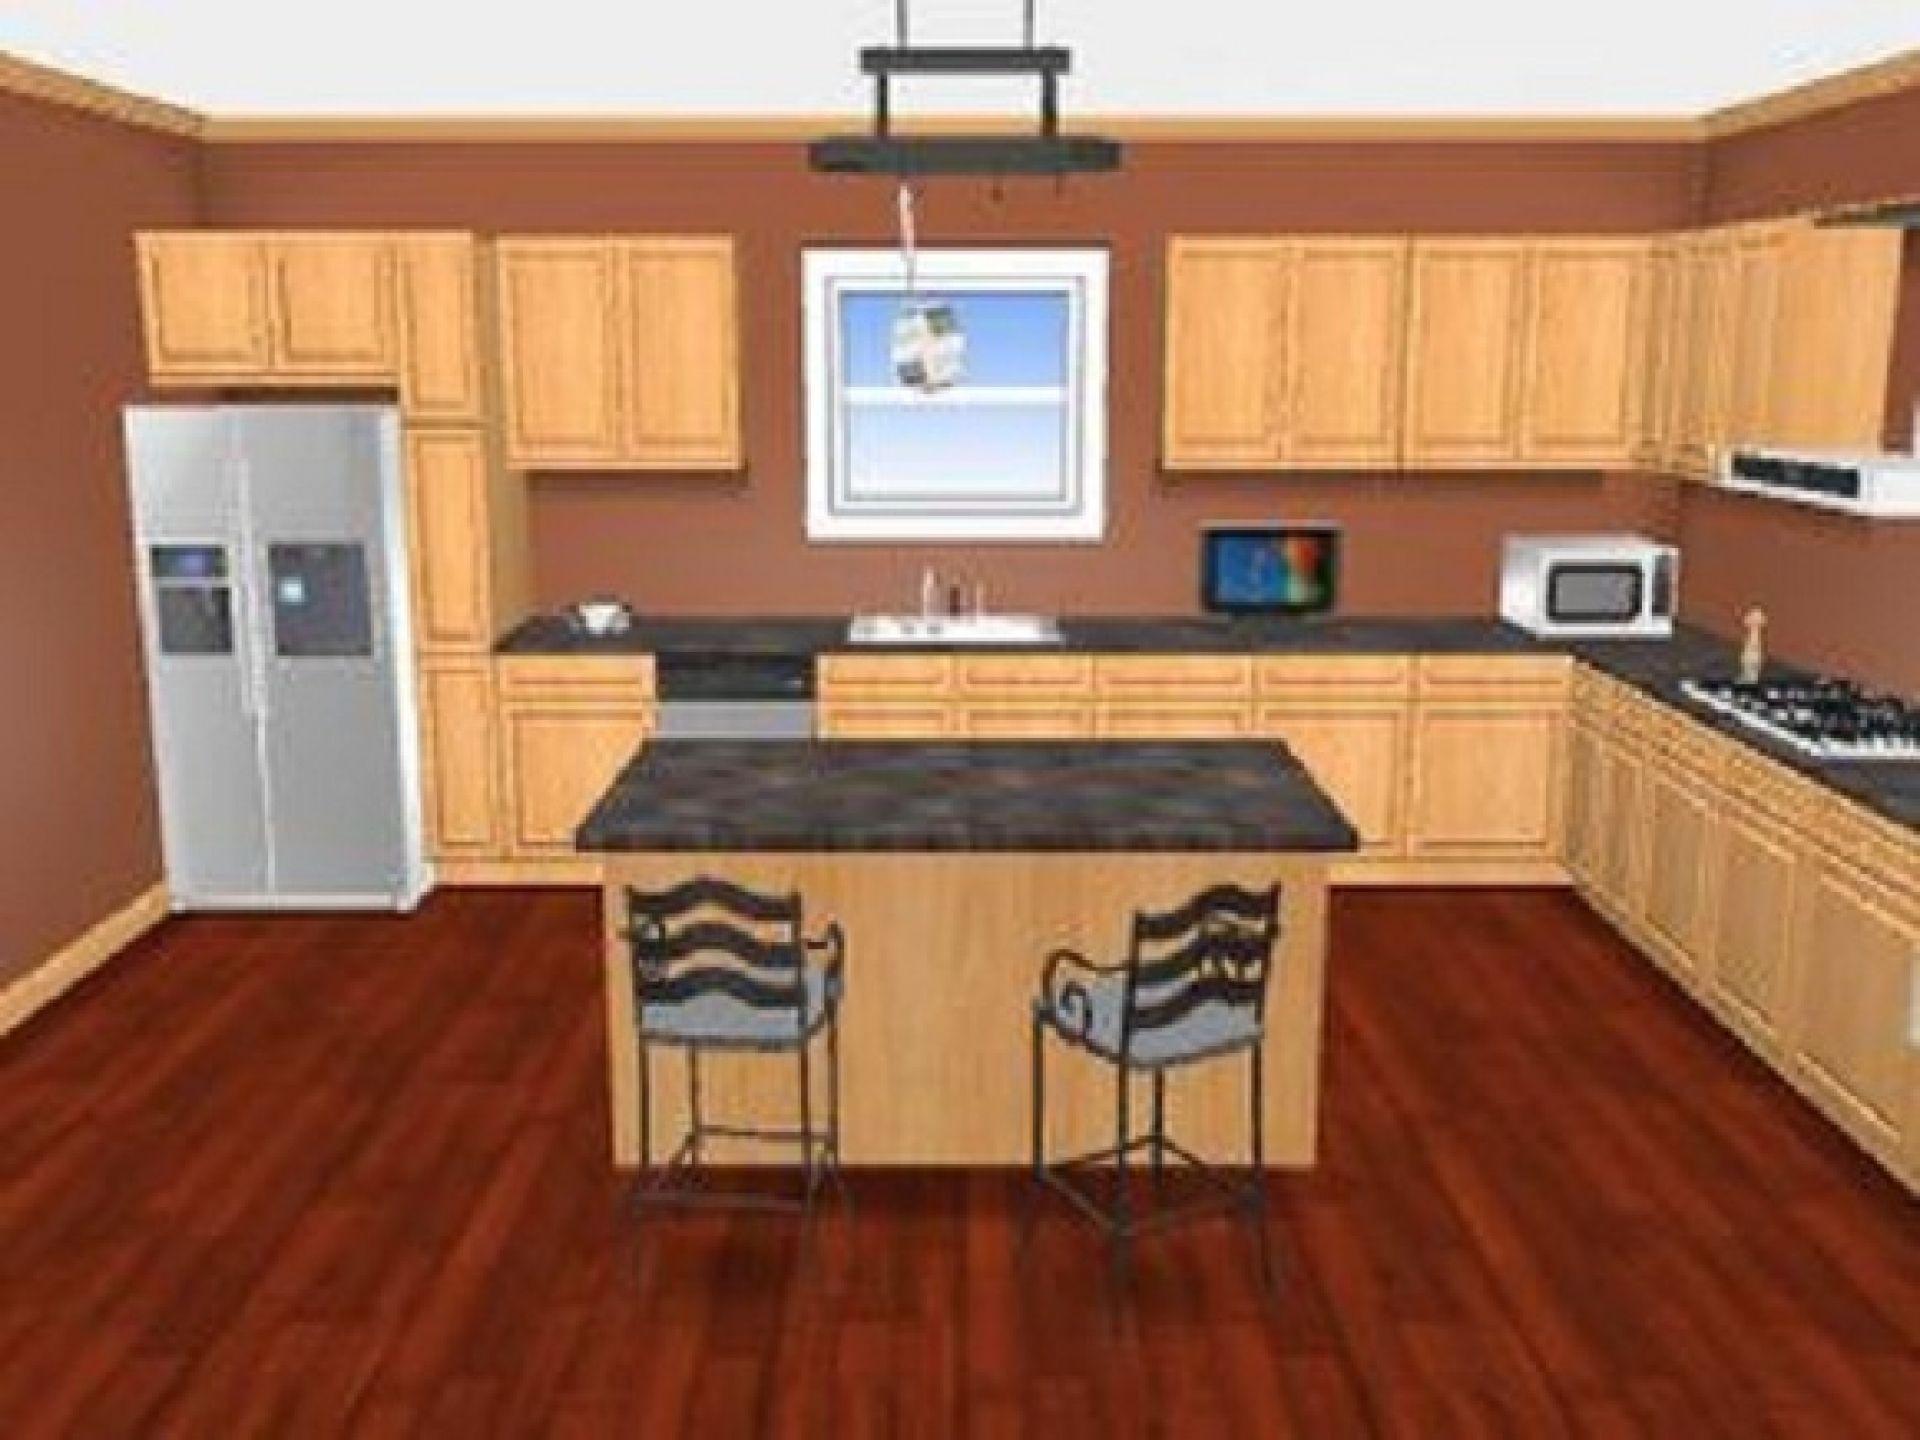 Design Kitchen Cabinets Online Freedesign Kitchen Cabinets Online Free Ever Find Yourself Wit Free Kitchen Design Online Kitchen Design Modern Kitchen Design